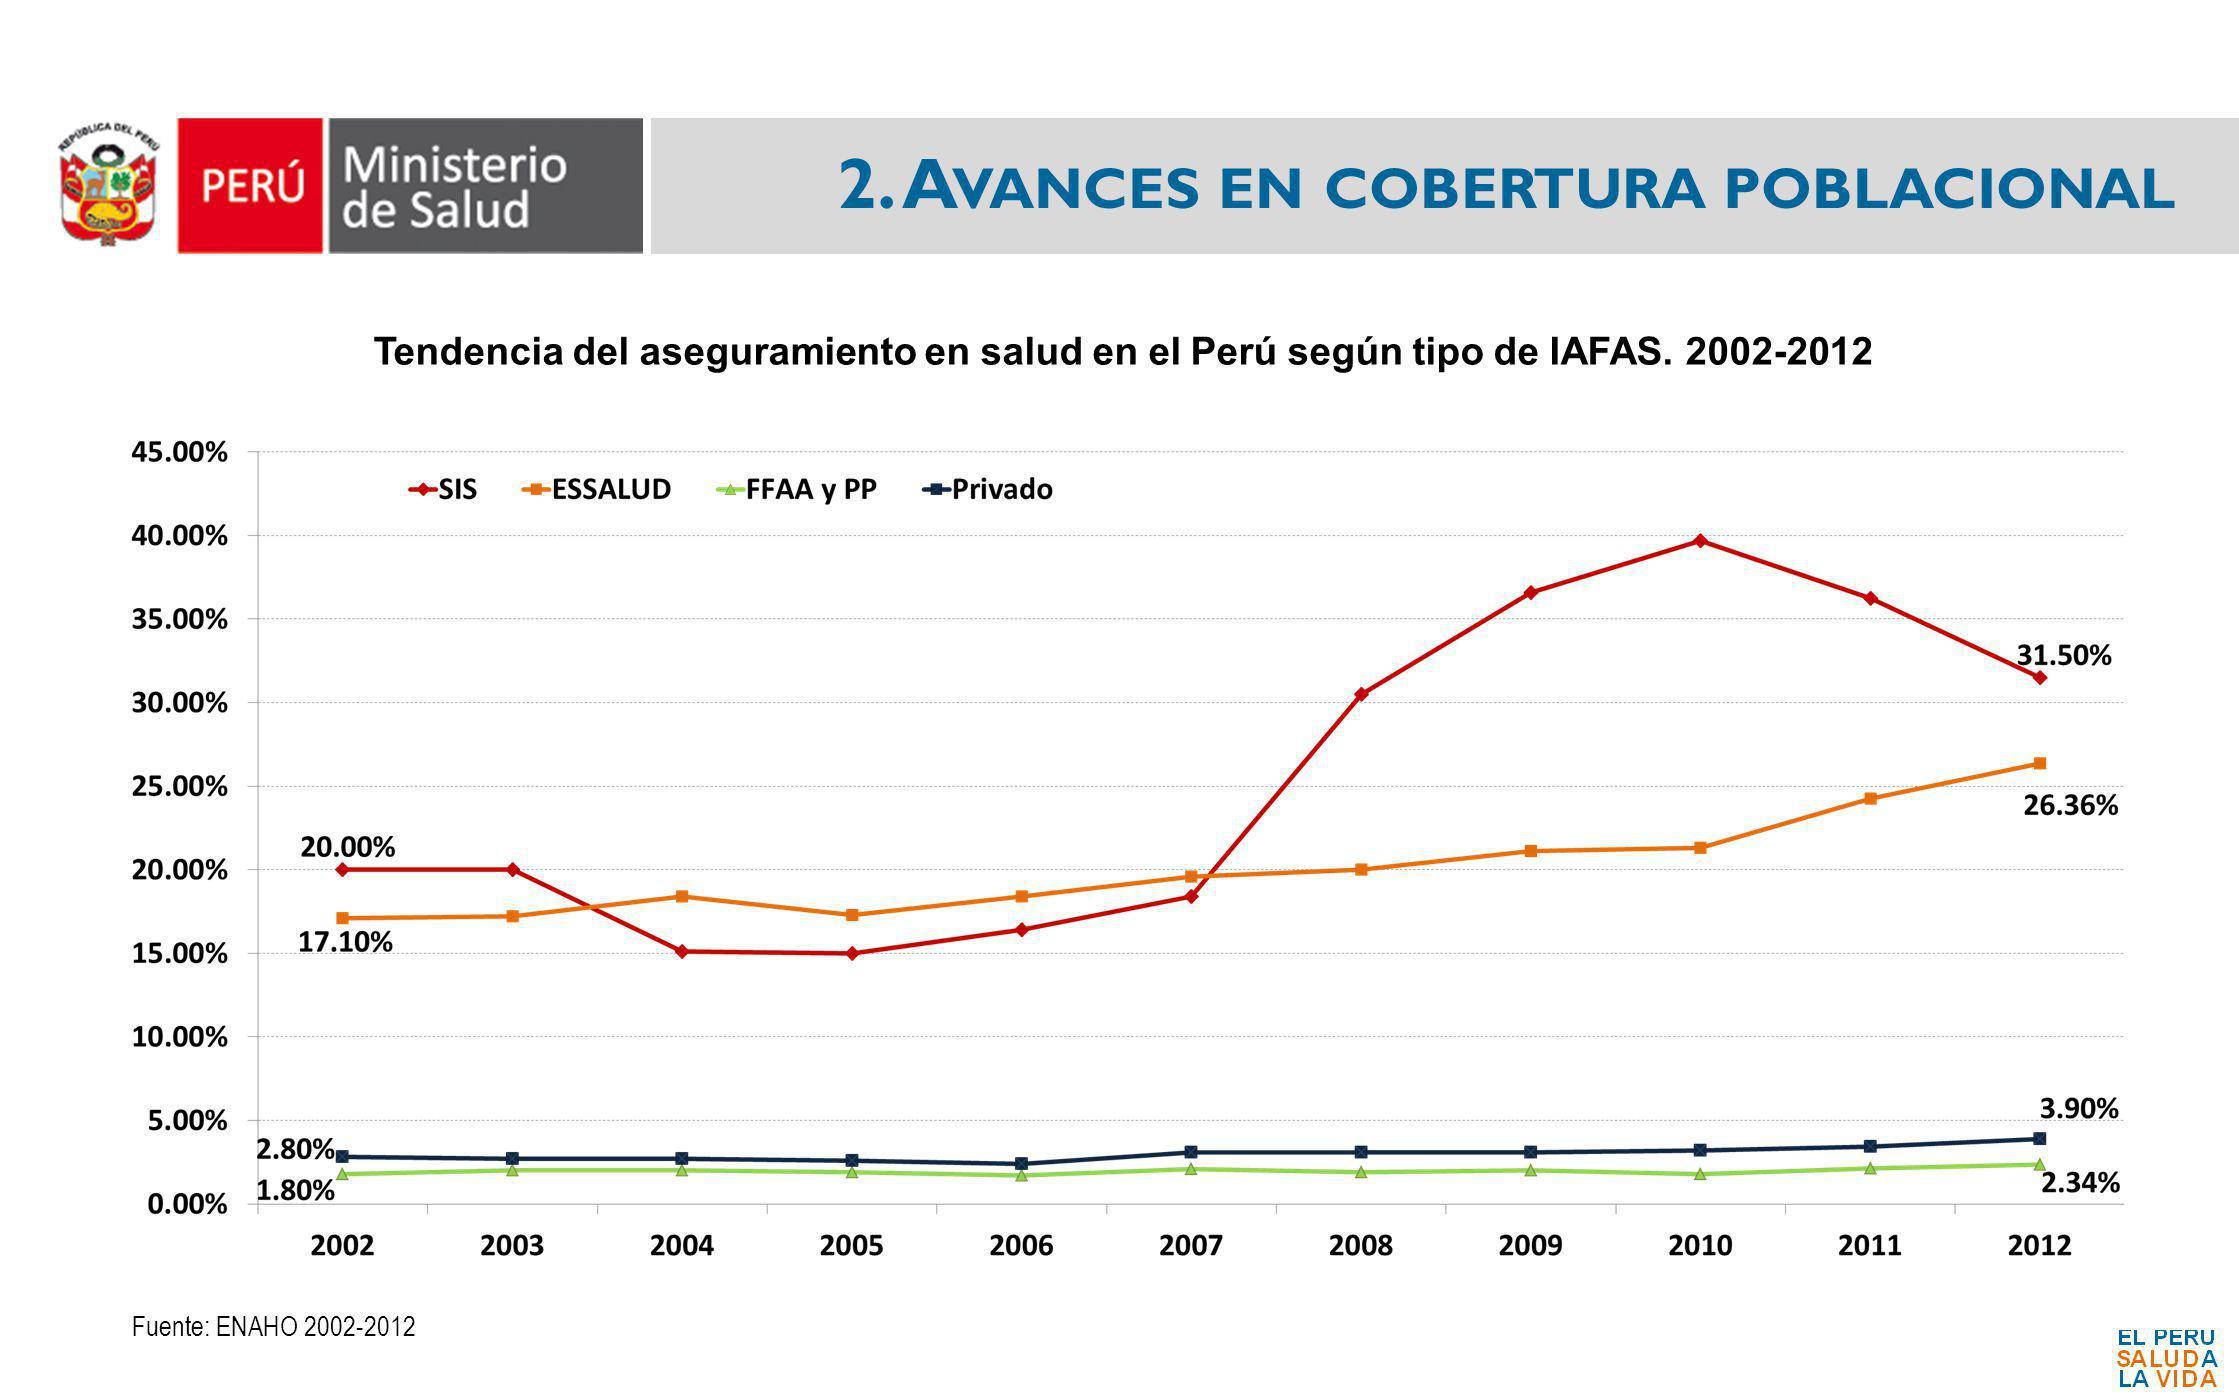 2. A VANCES EN COBERTURA POBLACIONAL Fuente: ENAHO 2002-2012 Tendencia del aseguramiento en salud en el Perú según tipo de IAFAS. 2002-2012